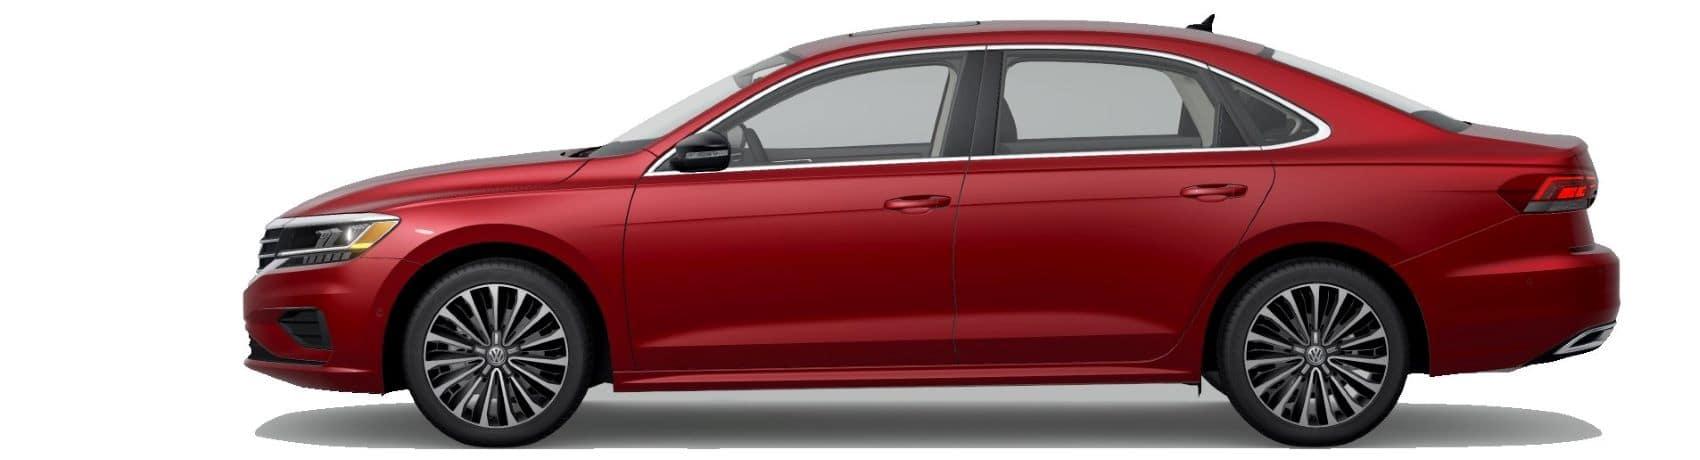 Aurora Red Volkswagen Passat